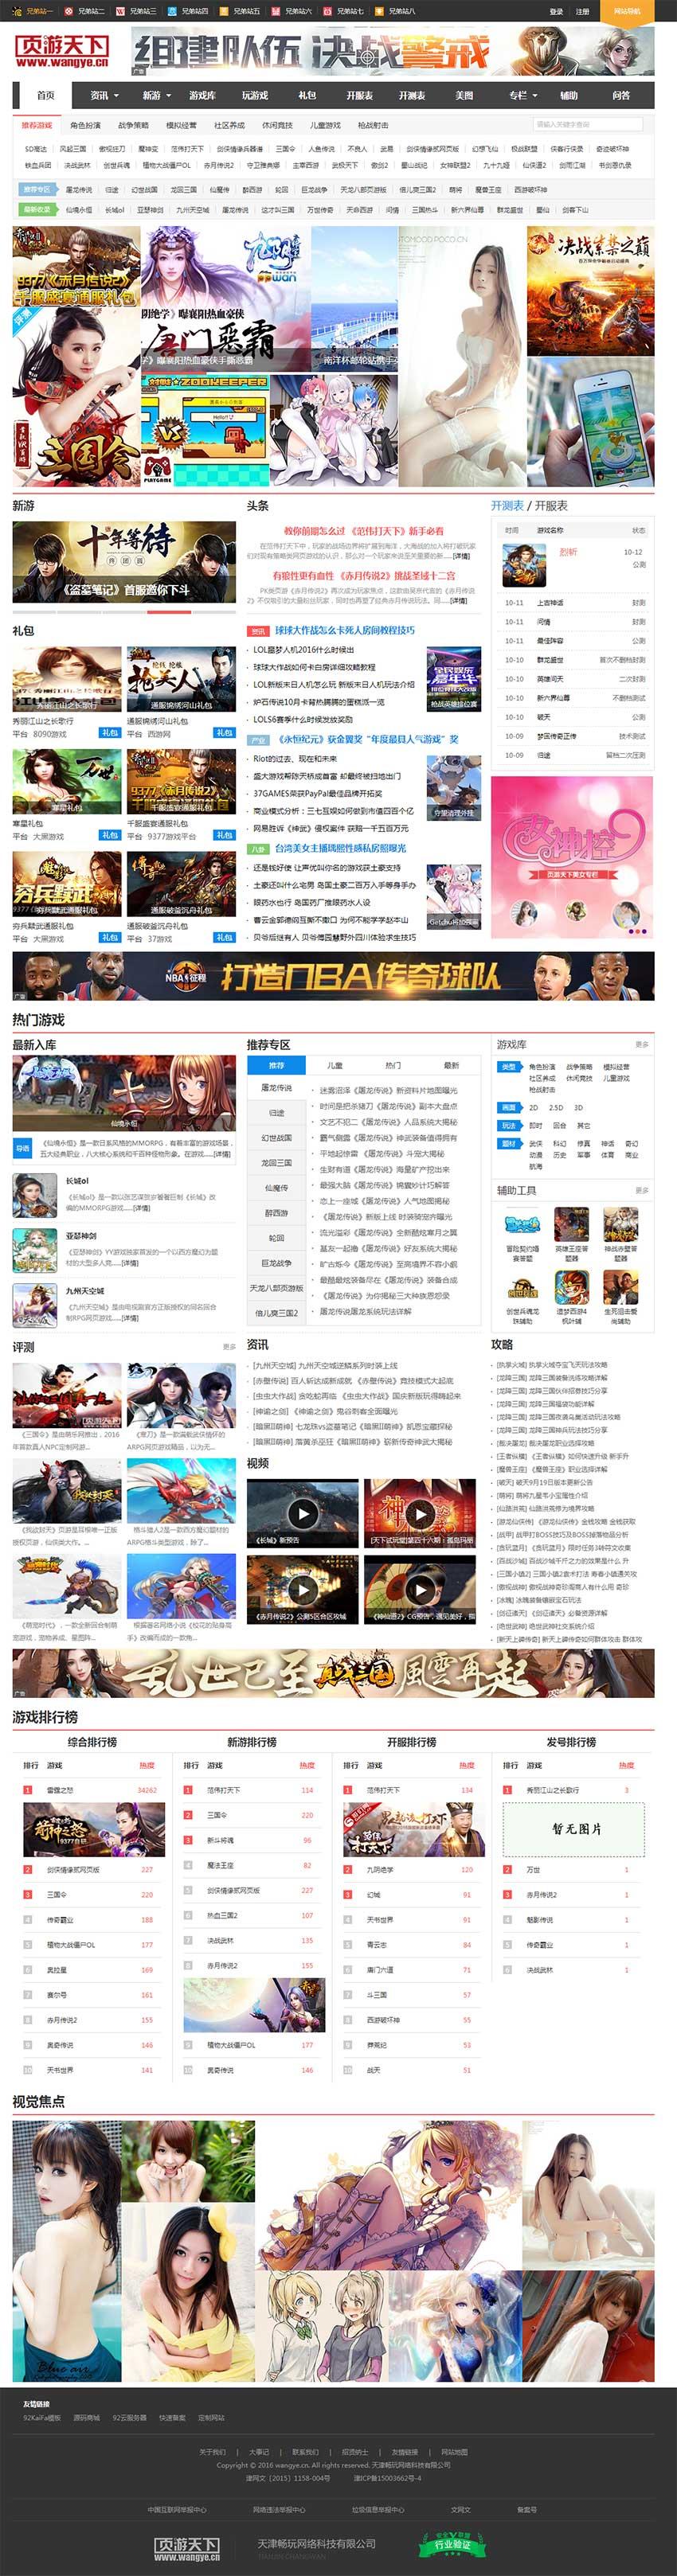 《页游天下》网页游戏门户帝国源码游戏大型门户带手机版